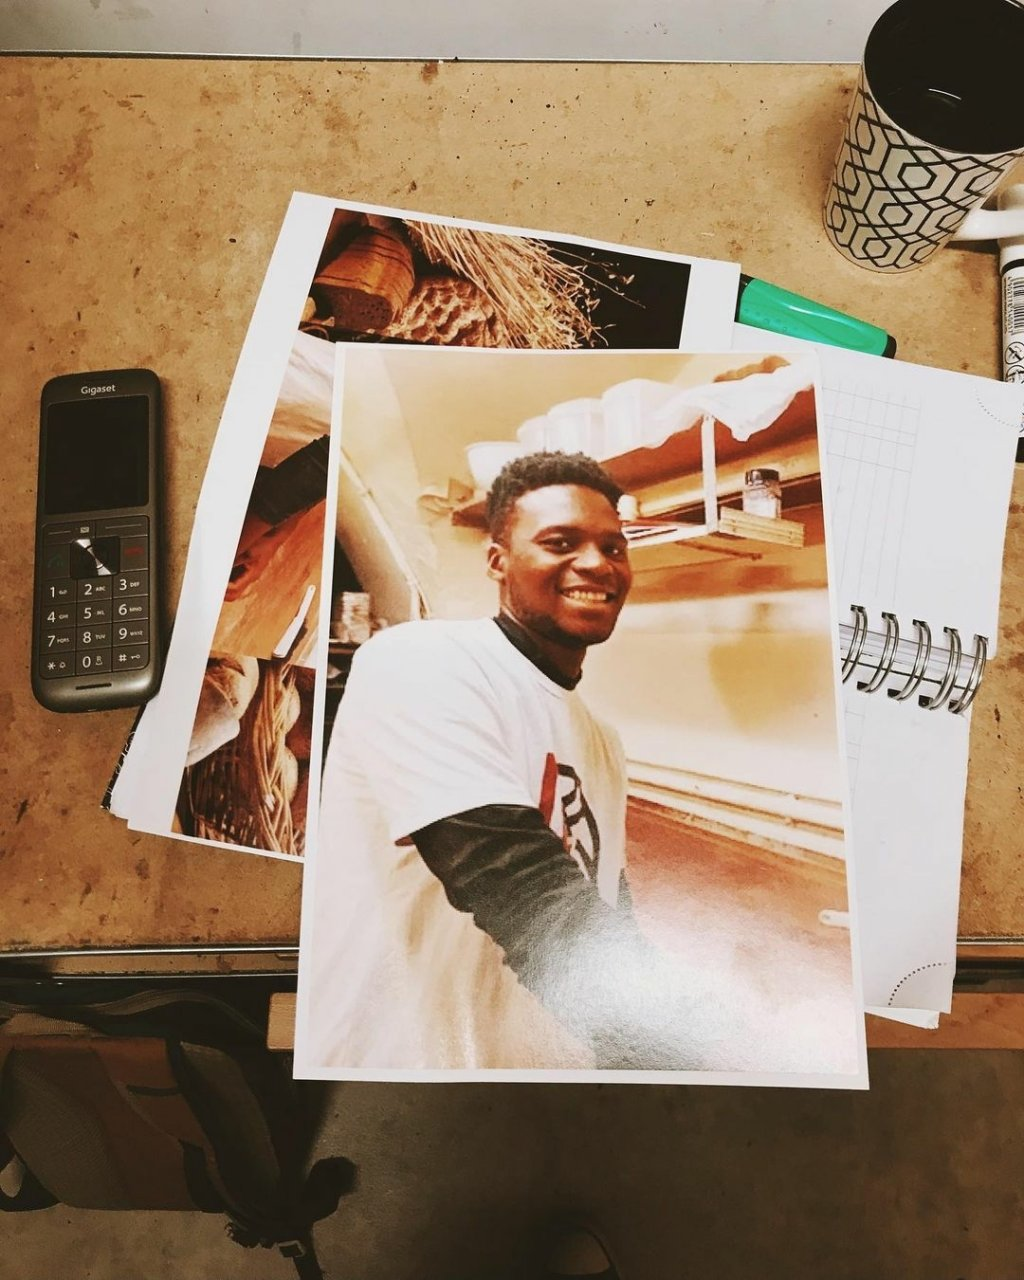 Laye Fodé Traoréiné, apprenti boulanger guinéen à Besançon jusque-là menacé d'expulsion, a été régularisé. Crédit : Stéphane Ravacley/Instagram